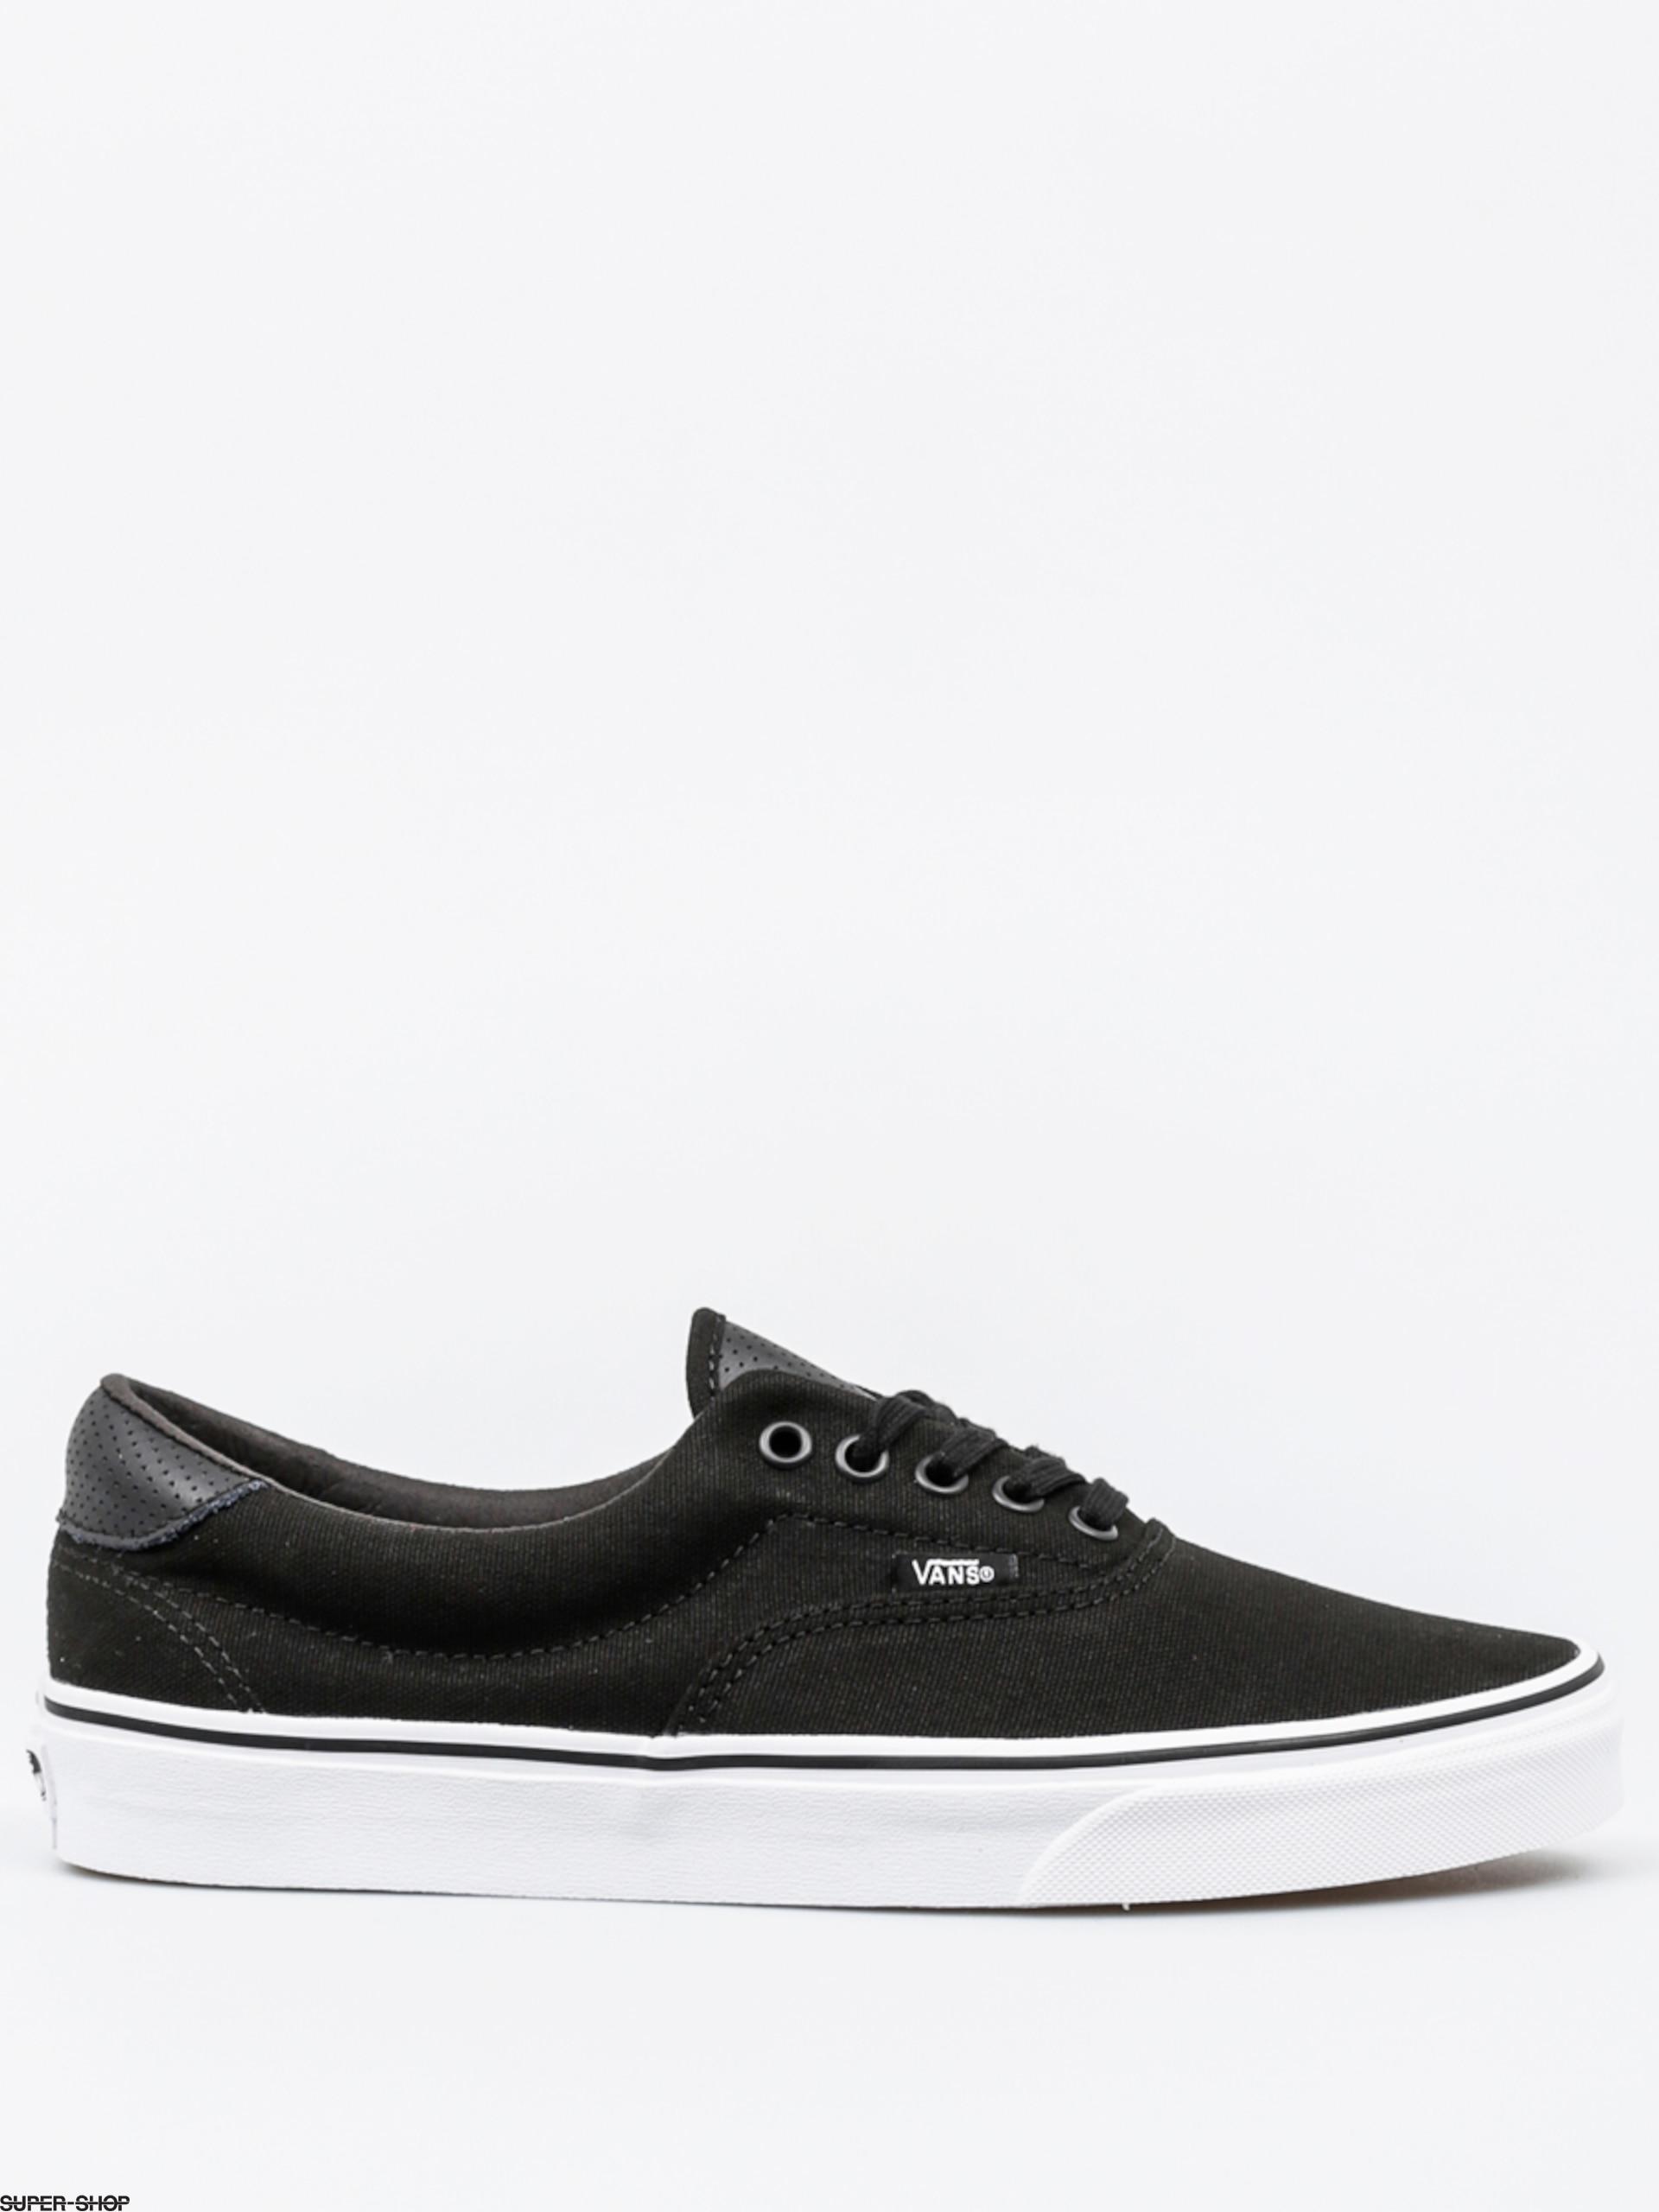 33d061f2eb Vans Shoes Era 59 (c p black true white)